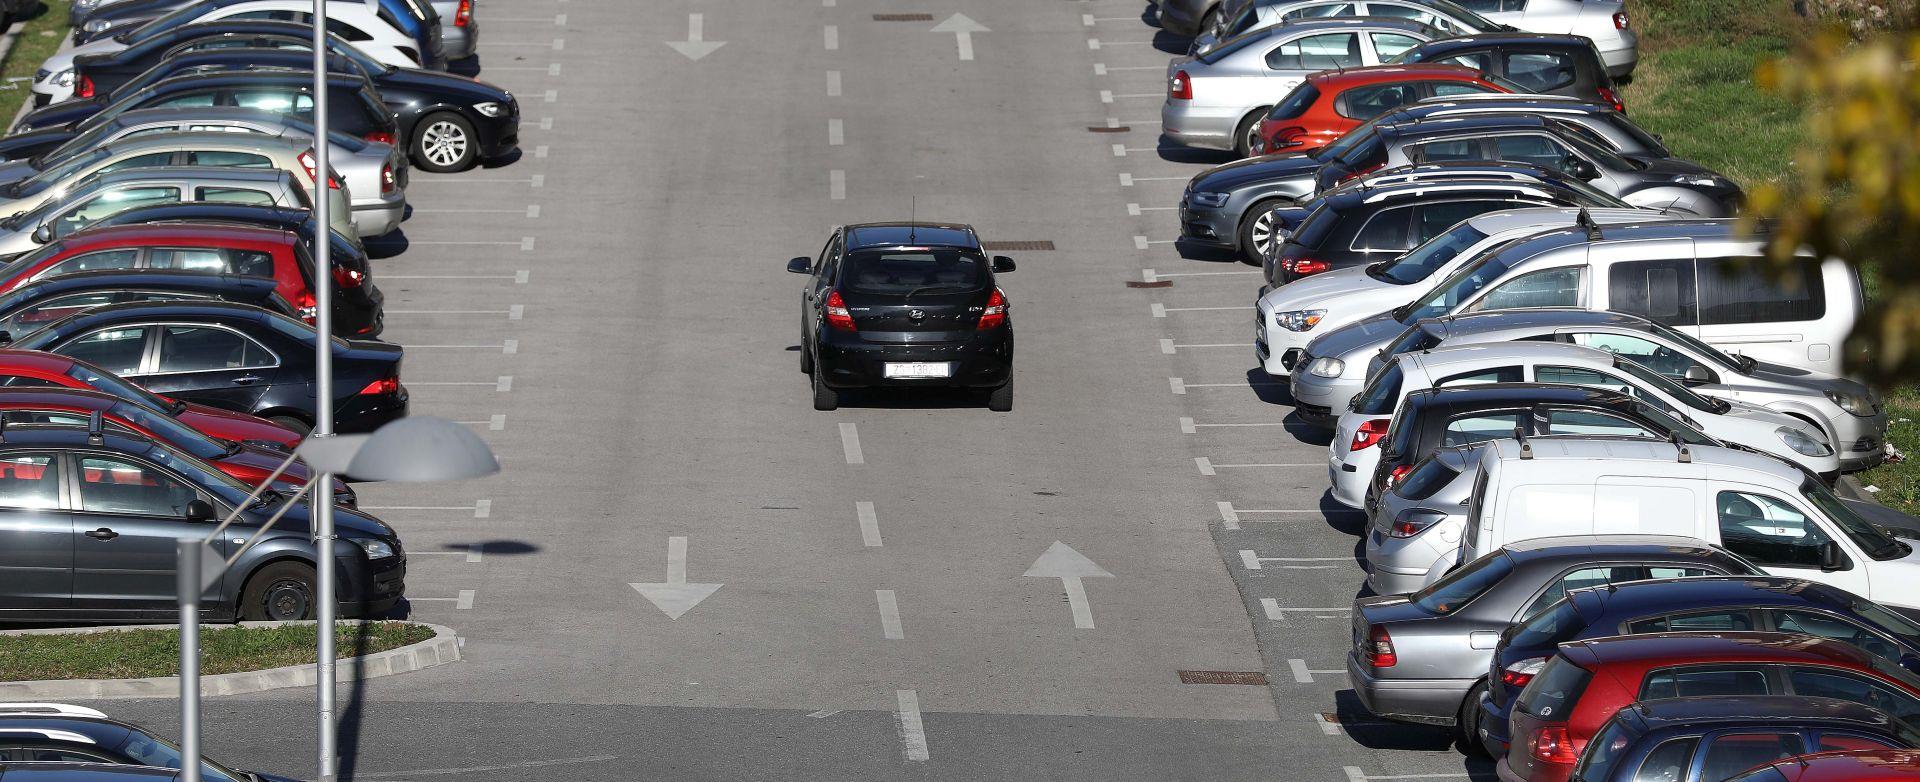 Posebna regulacija prometa i zatvorene ulice zbog komemoracije Praljku